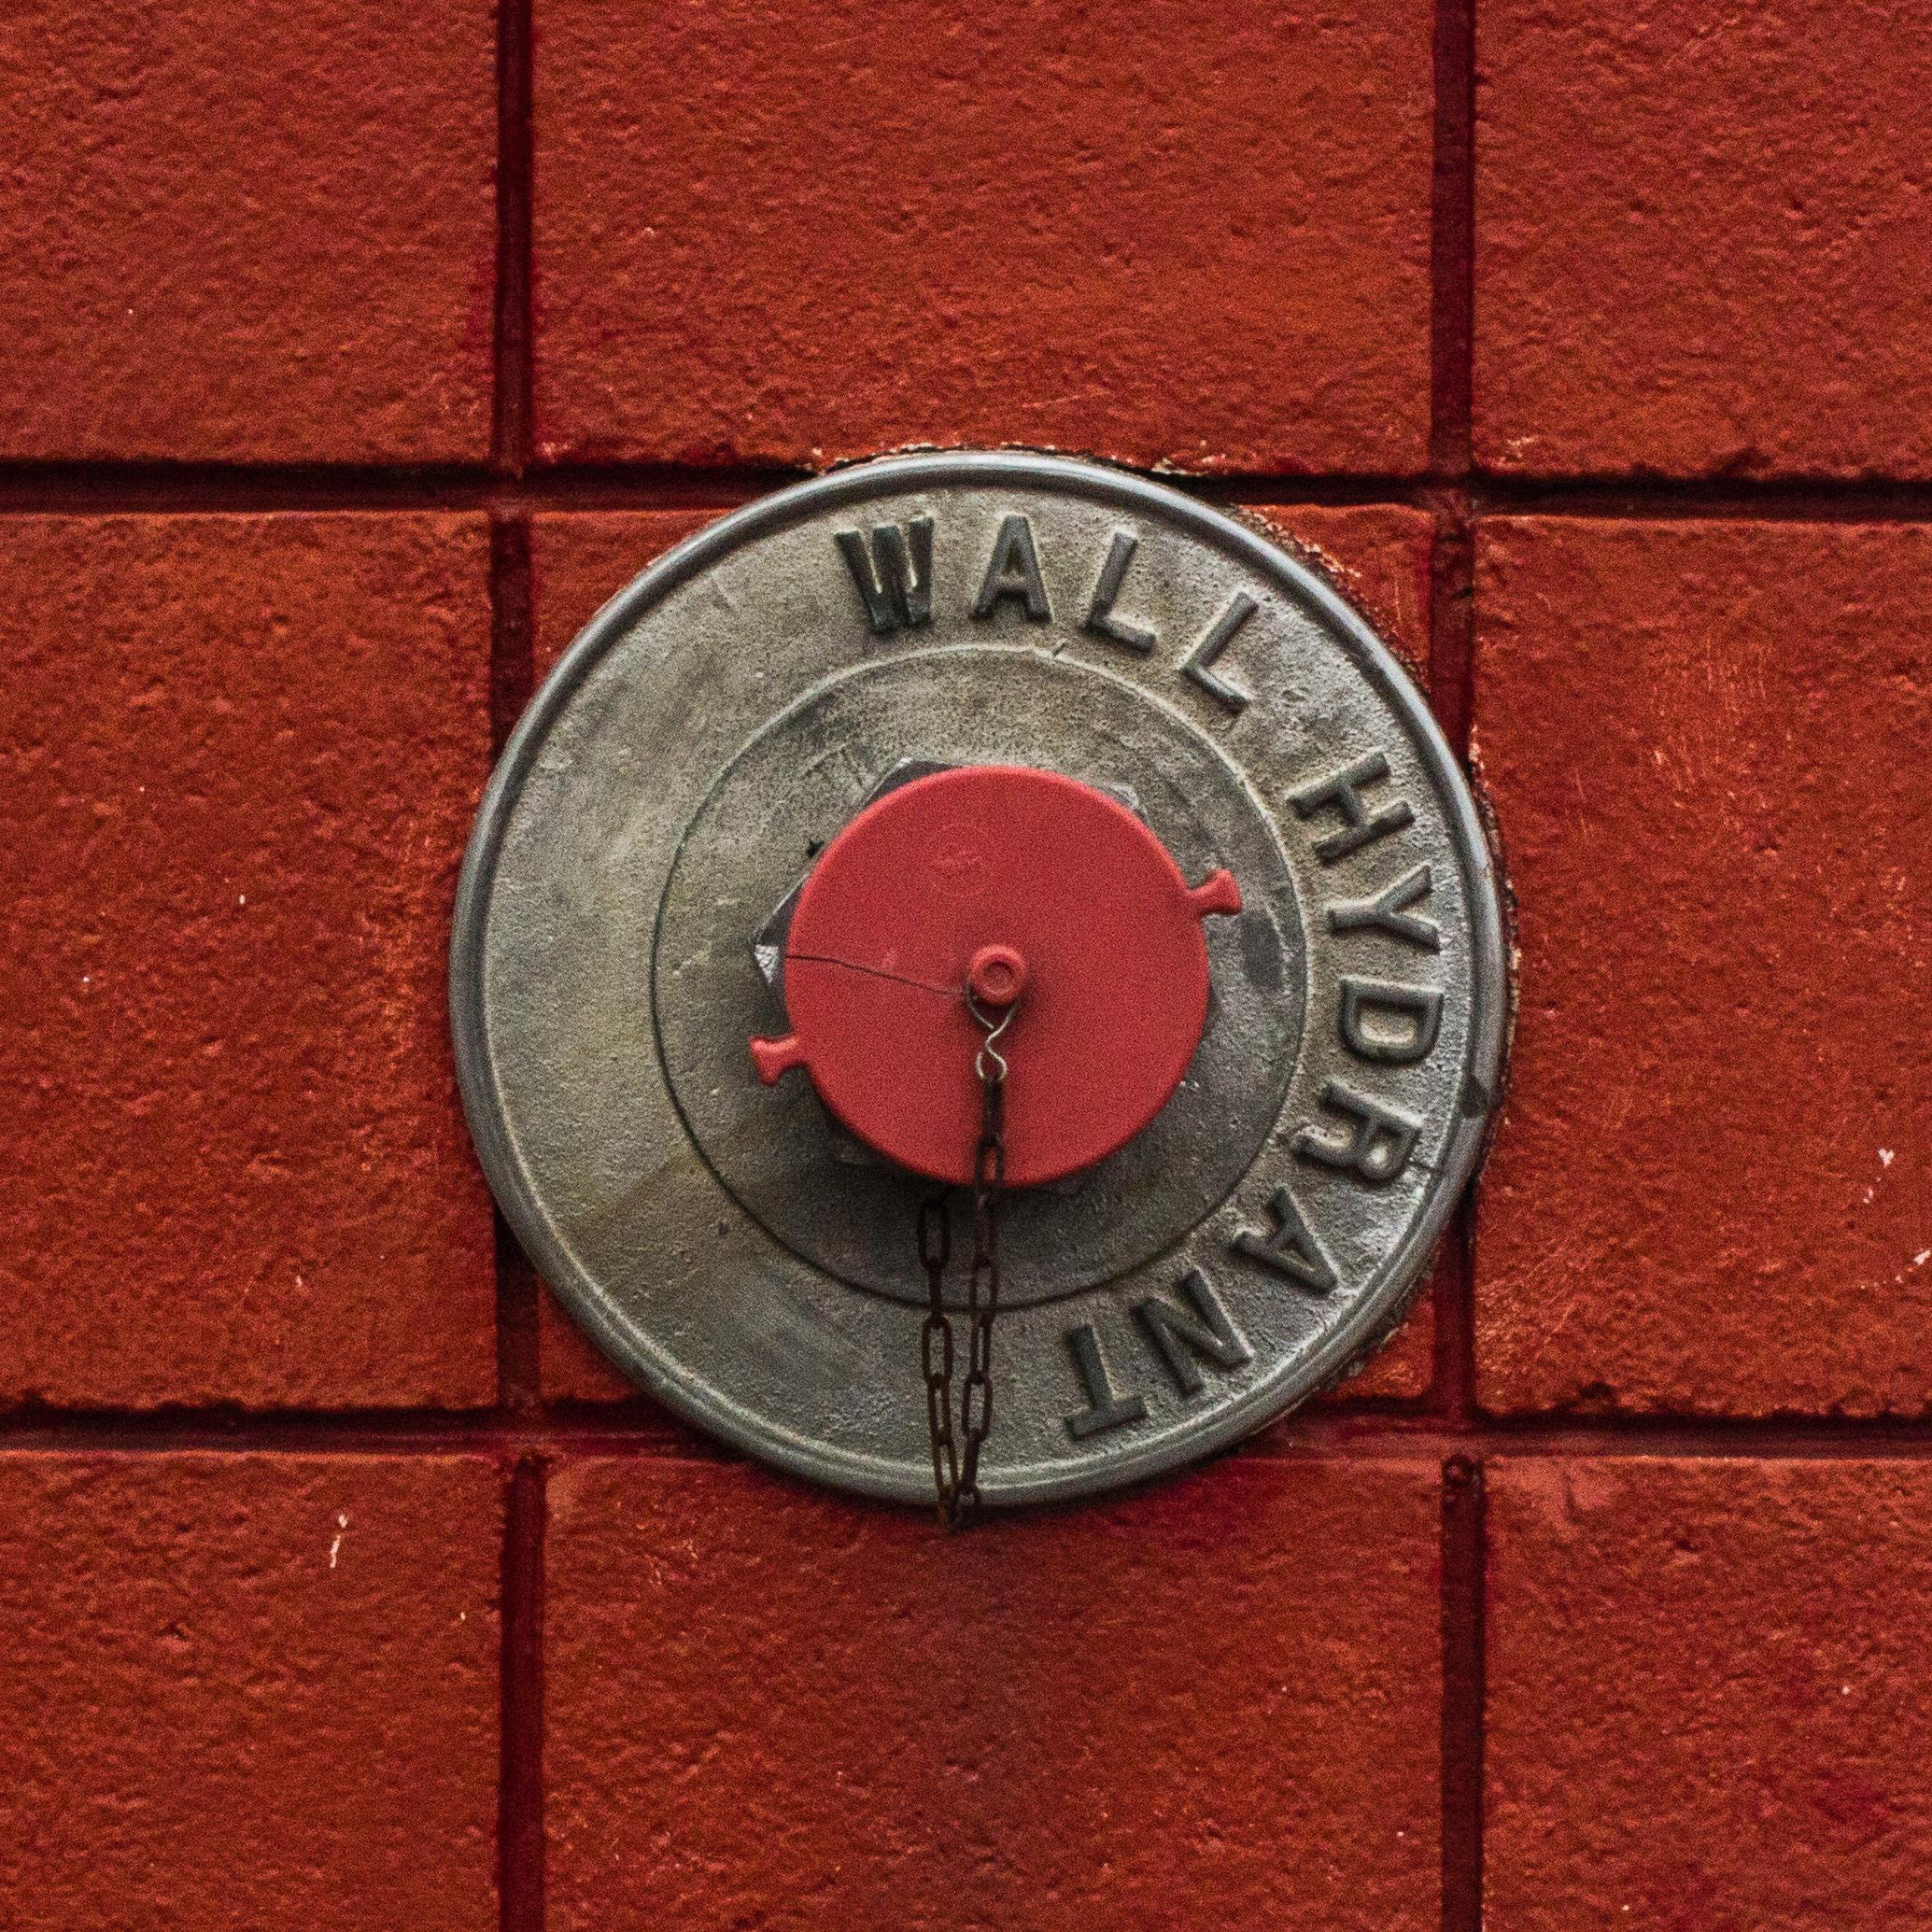 Wall Hydrant